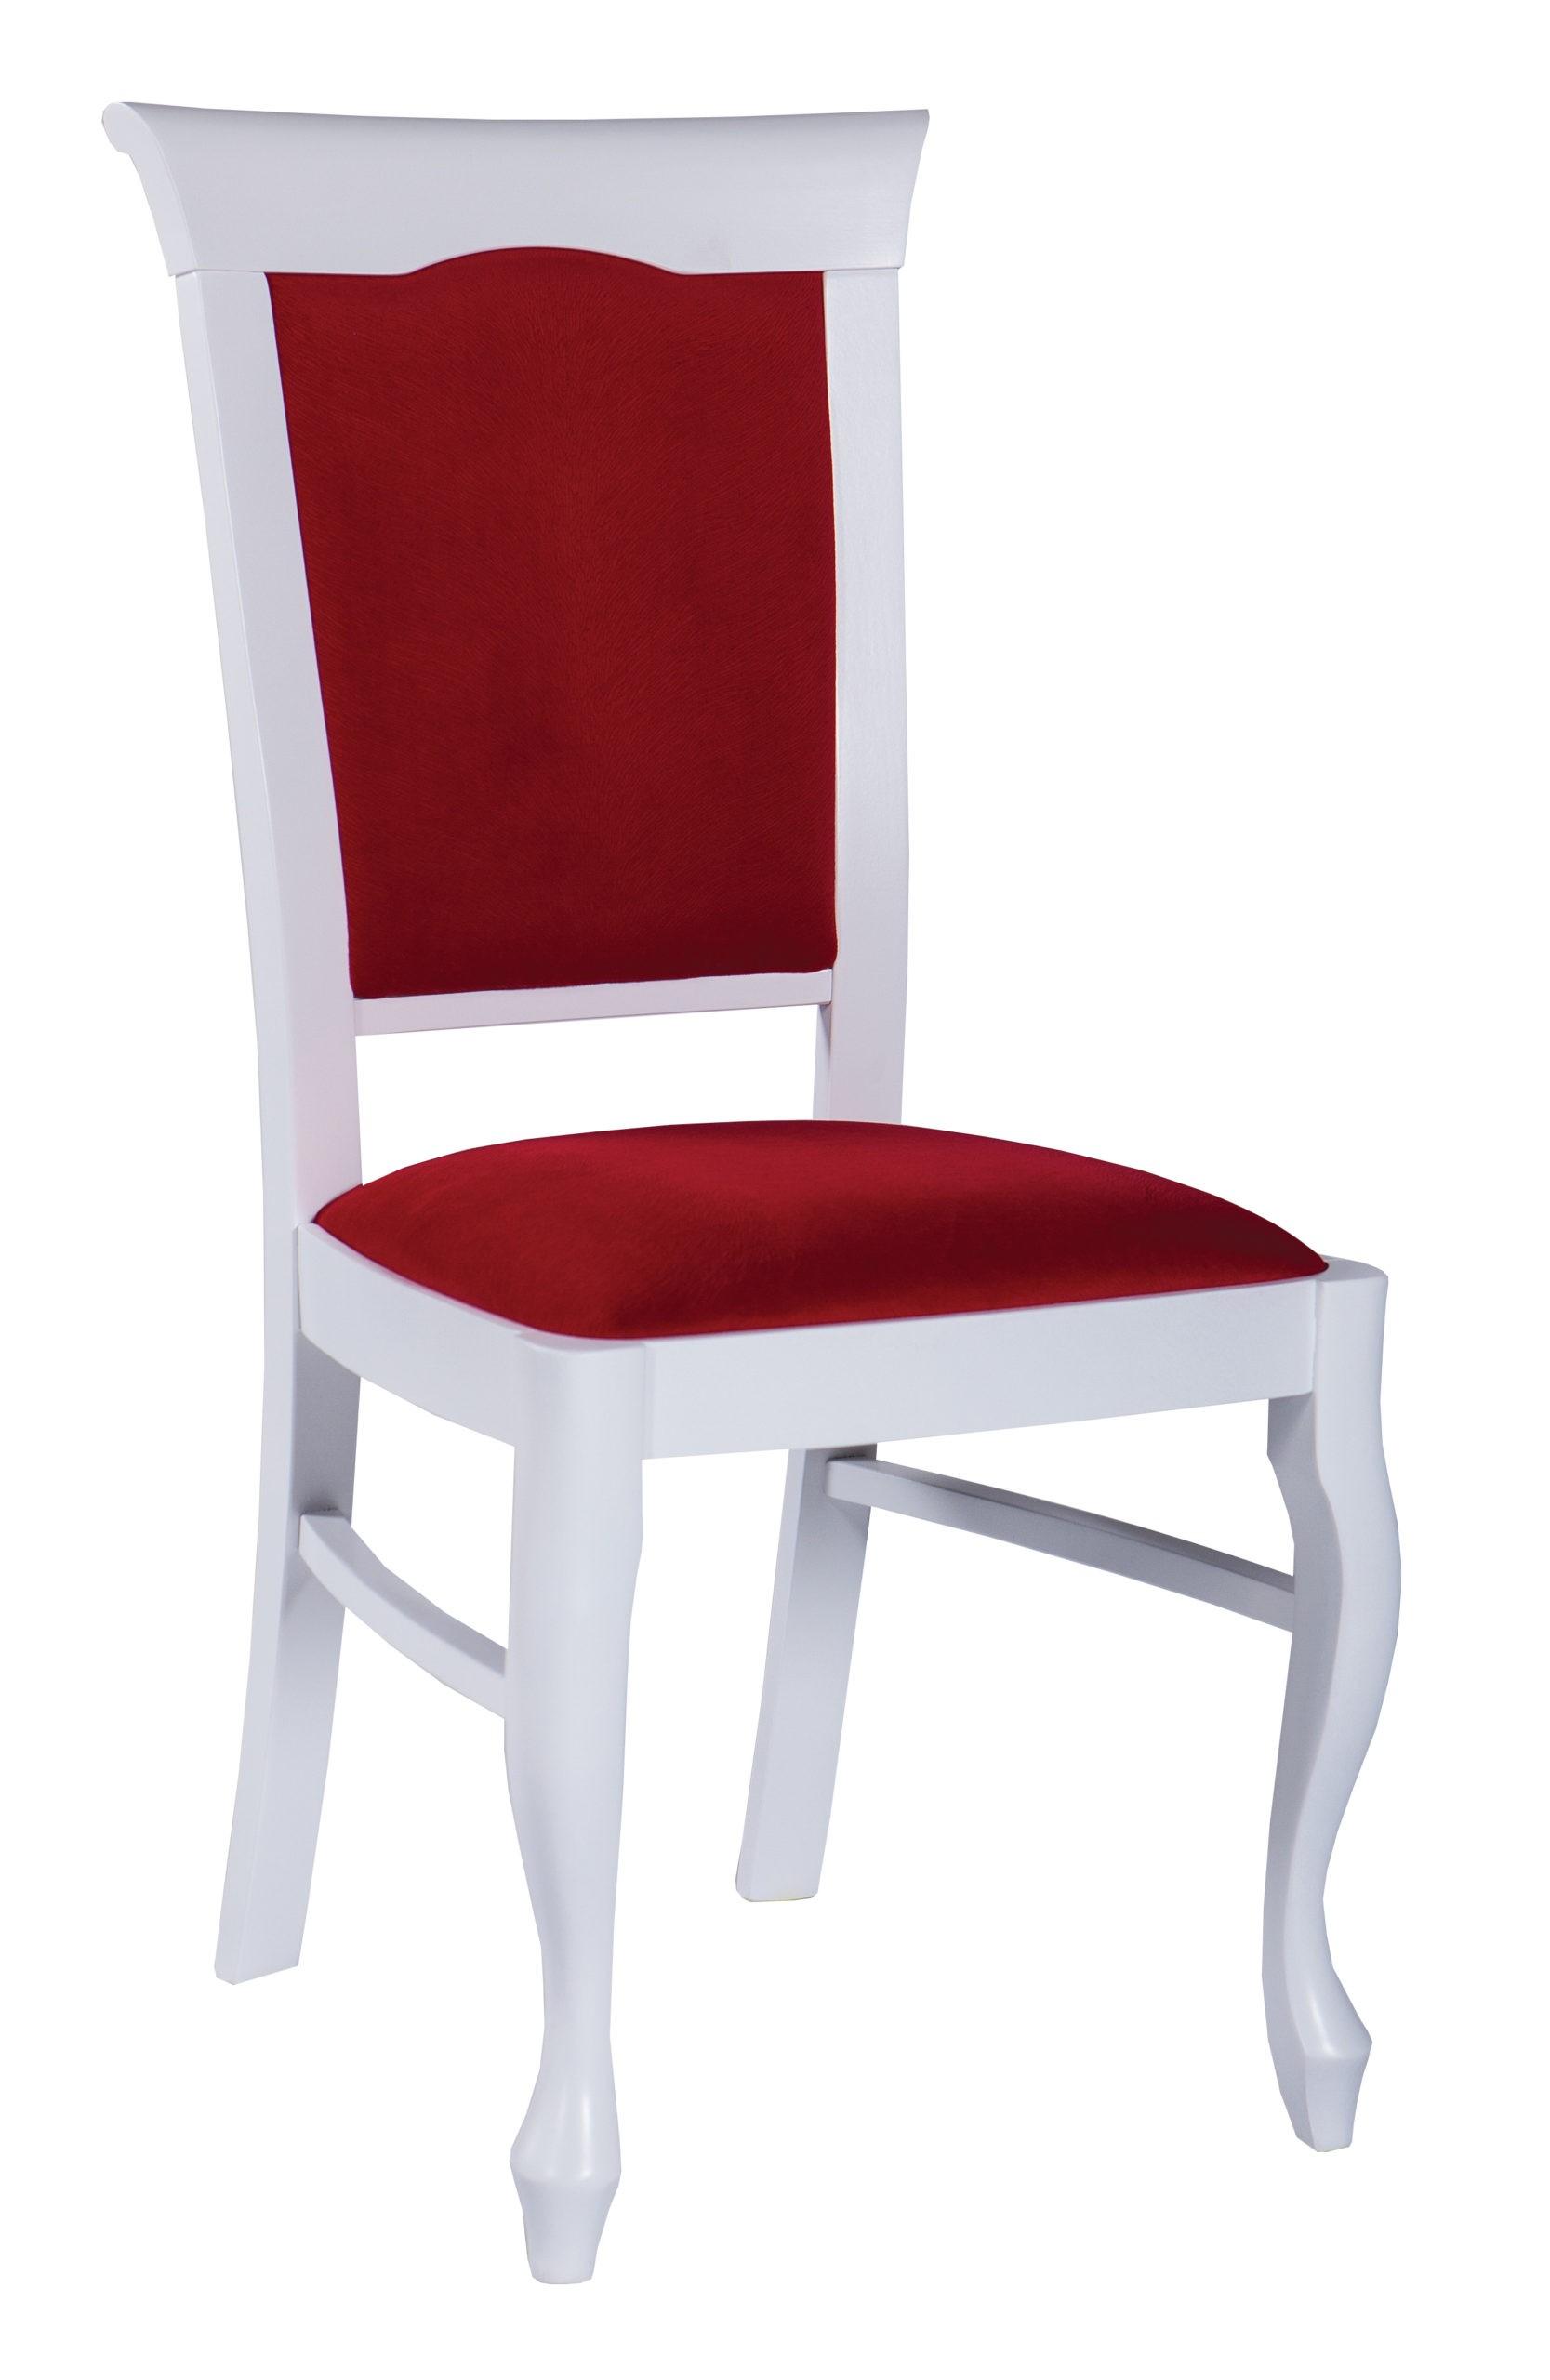 Stylowe krzesło MR 914 lite drewno, profilowane, noga ludwik w kolorze białym